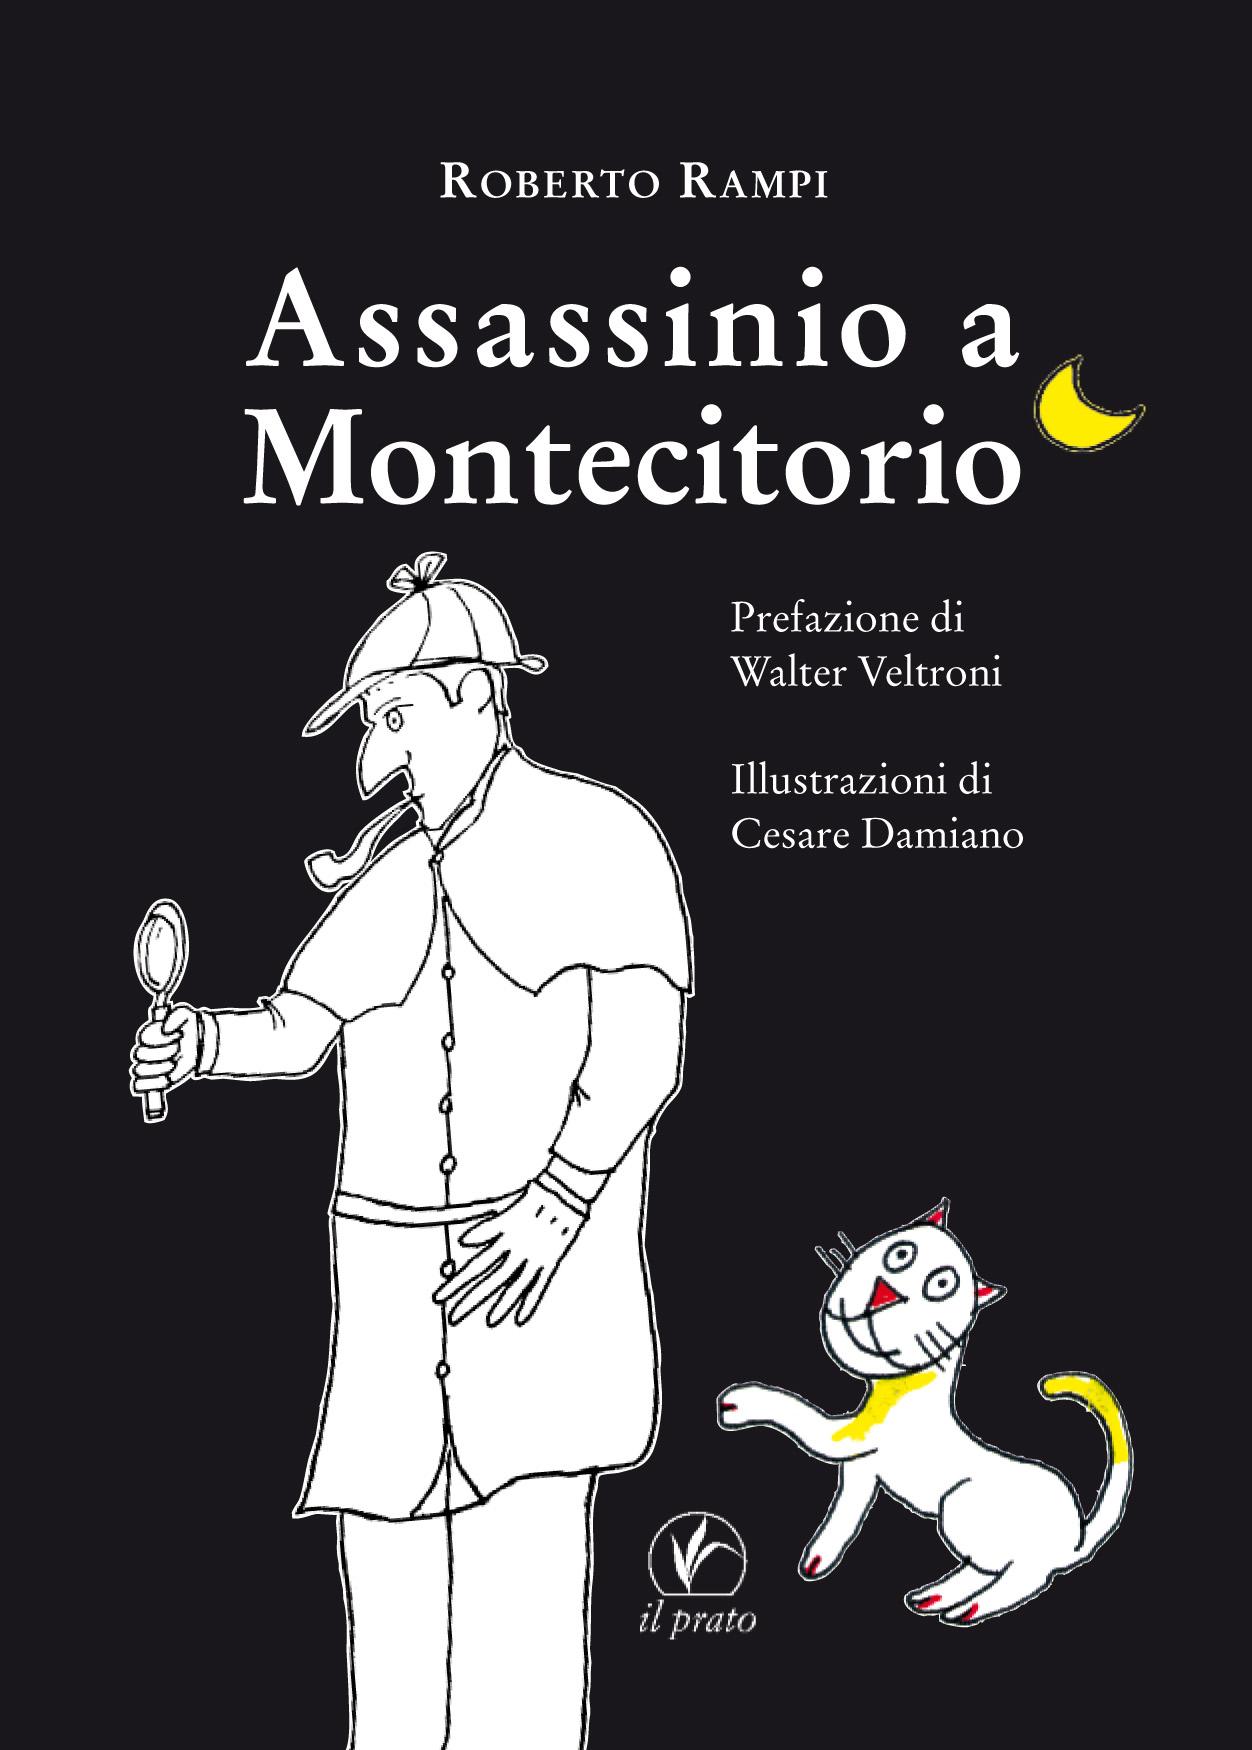 Assassinio a Montecitorio